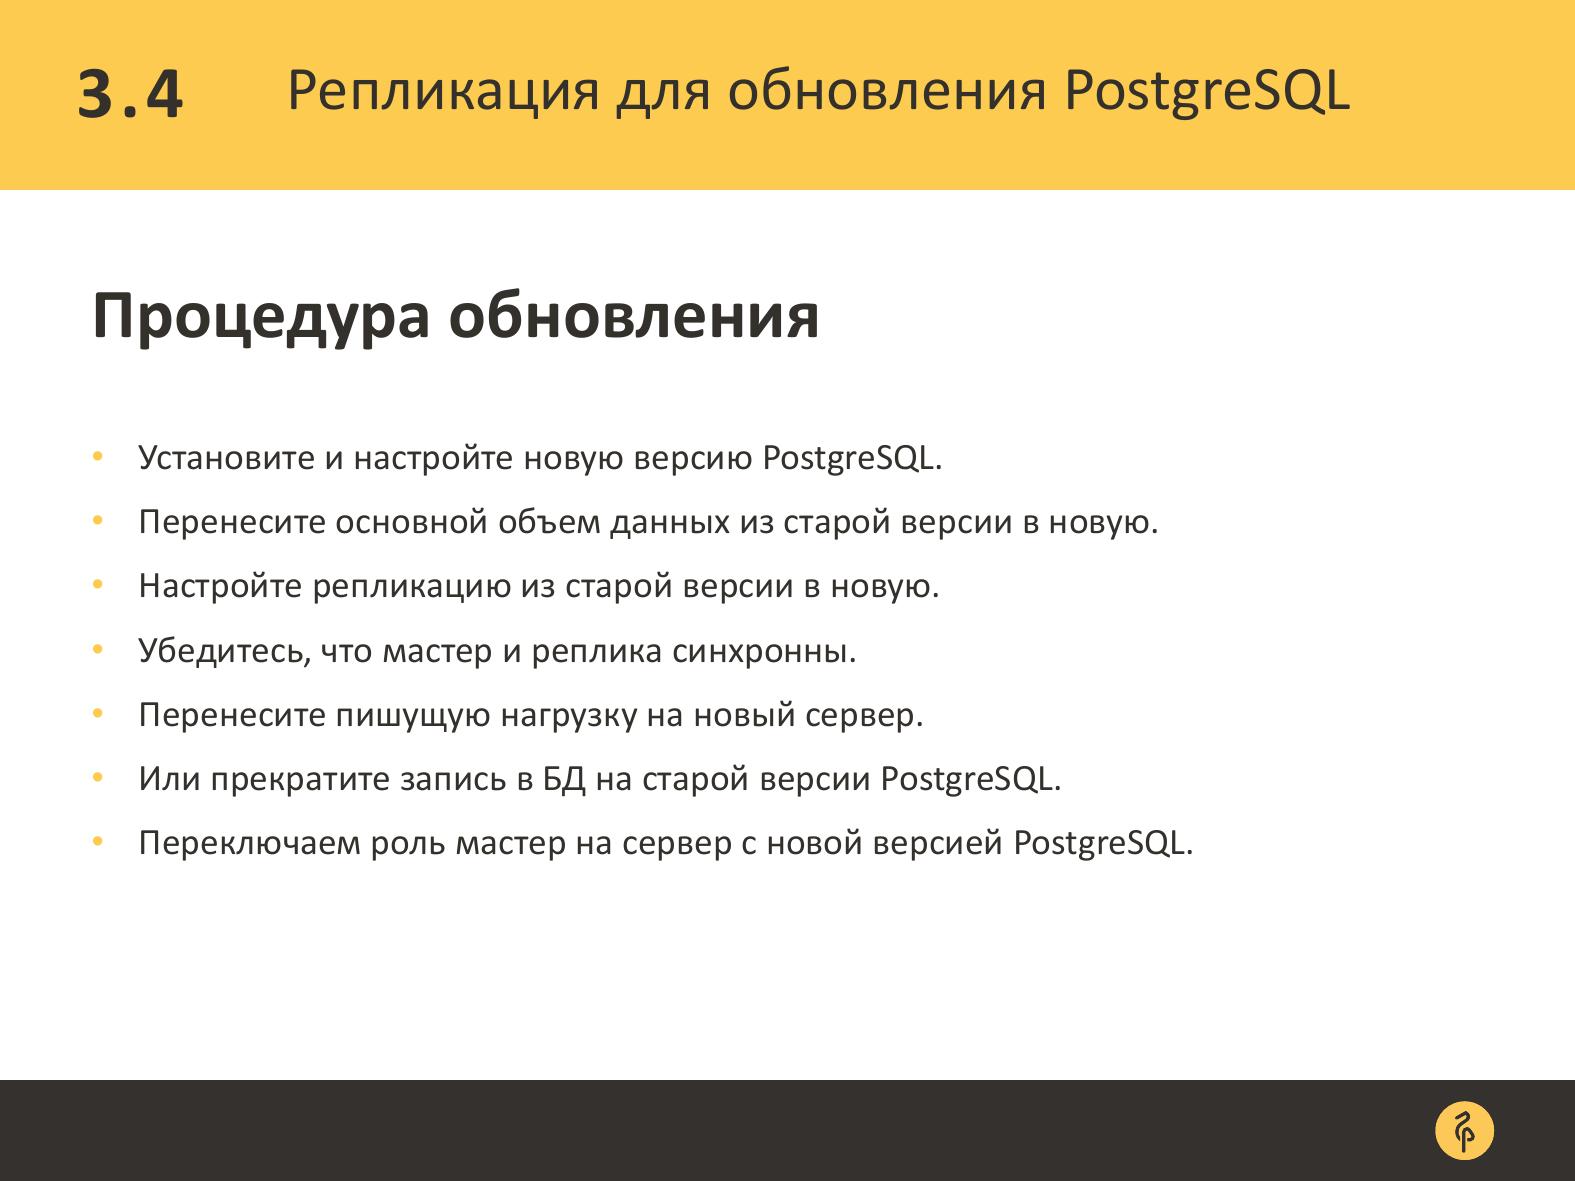 Практика обновления версий PostgreSQL. Андрей Сальников - 25